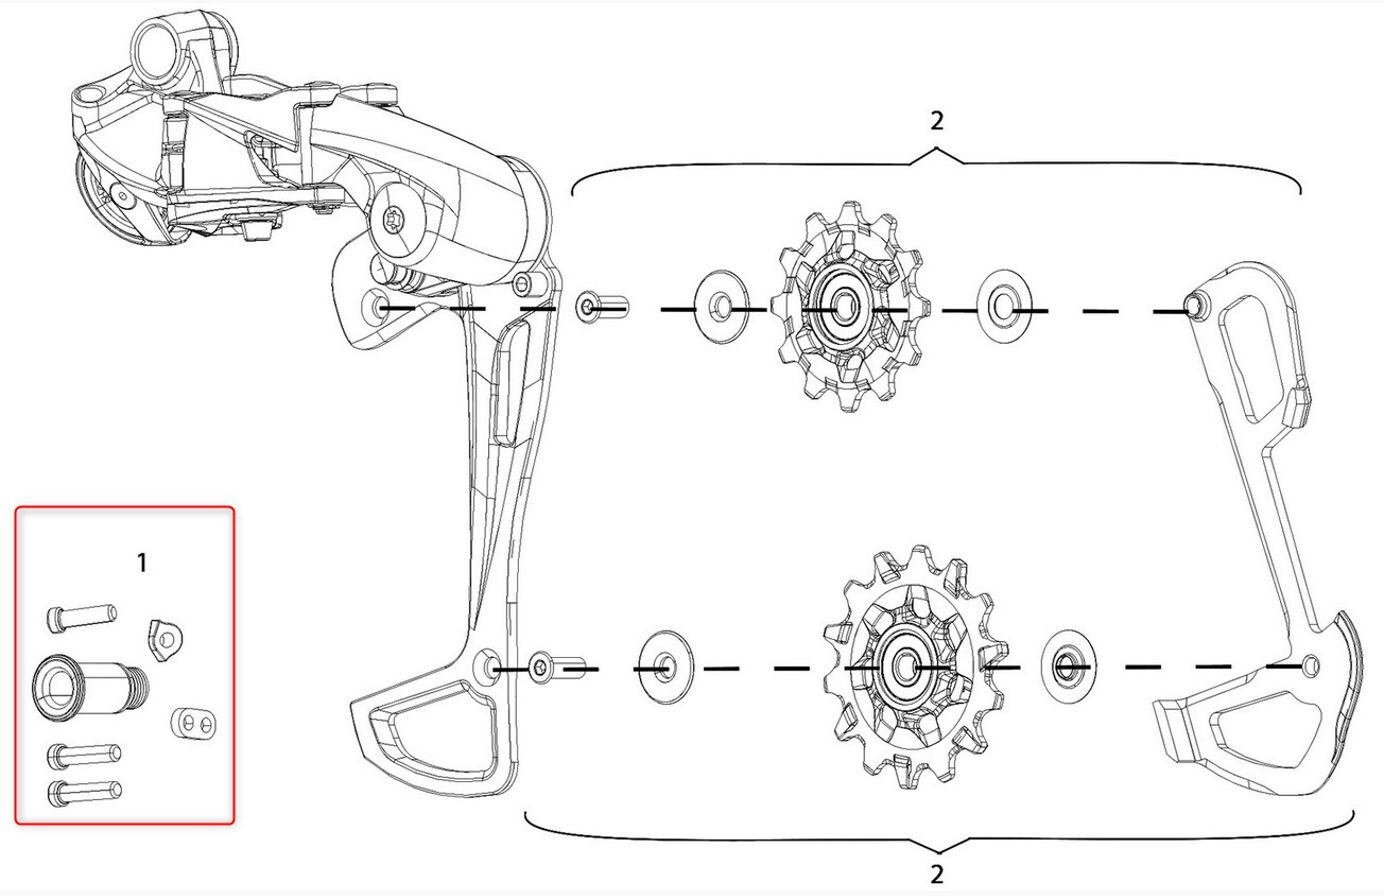 SRAM B-bolt and limit screw set HEX5 for GX Eagle rear derailleur